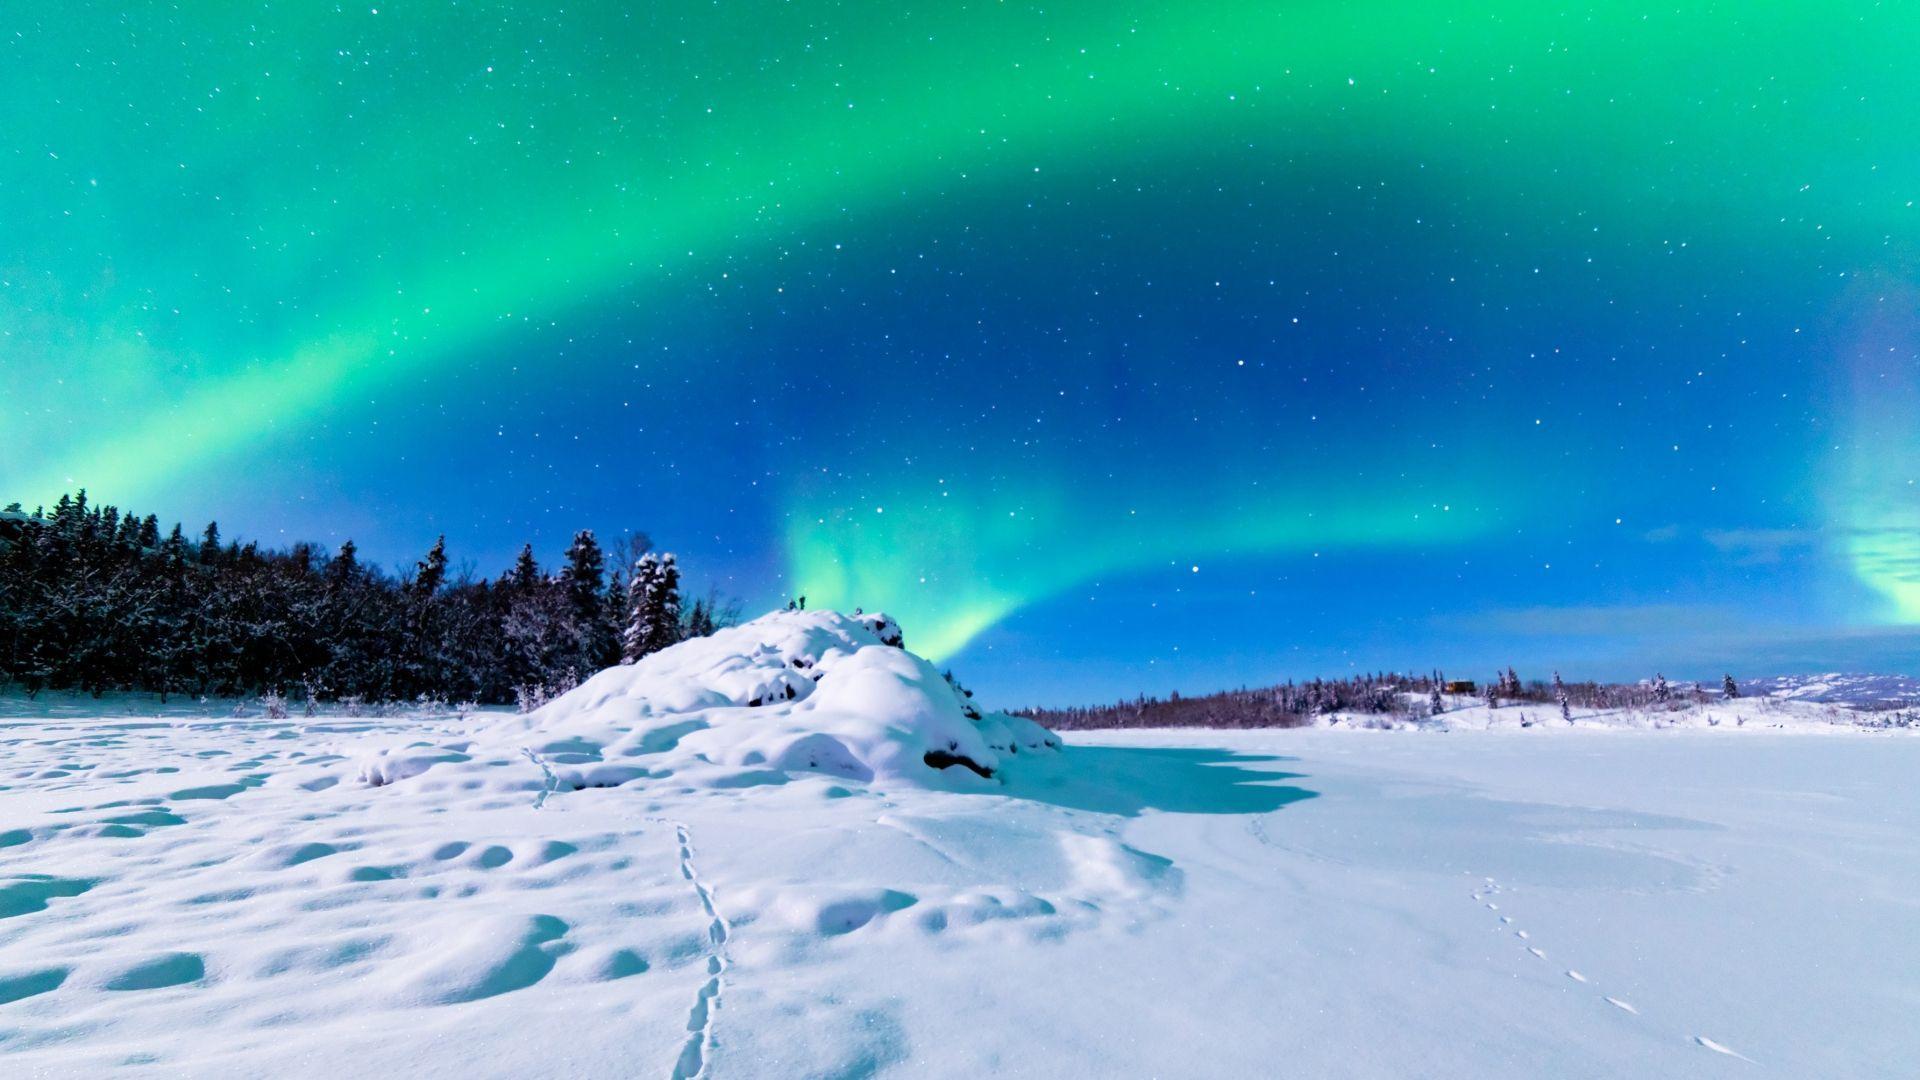 Aliaska - viena vietų, kur įmanoma pamatyti Šiaurės pašvaistę